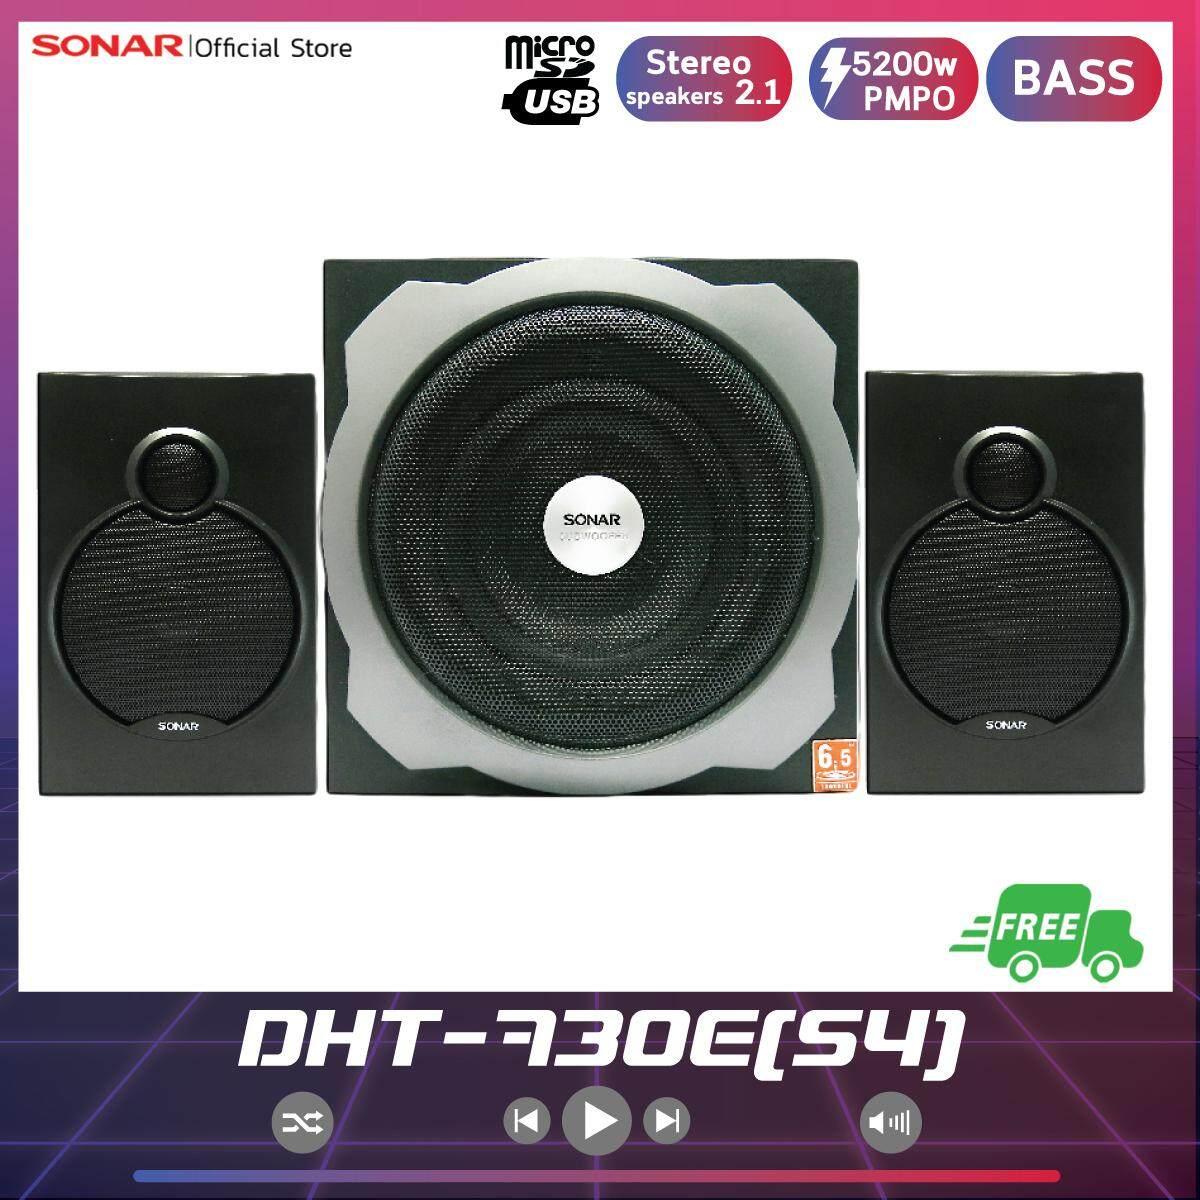 ชุดลำโพงมินิโฮมเธียร์เตอร์ ลำโพงคู่ 2.1 Ch รุ่น Dht-730df(s4) Black - Sonar.